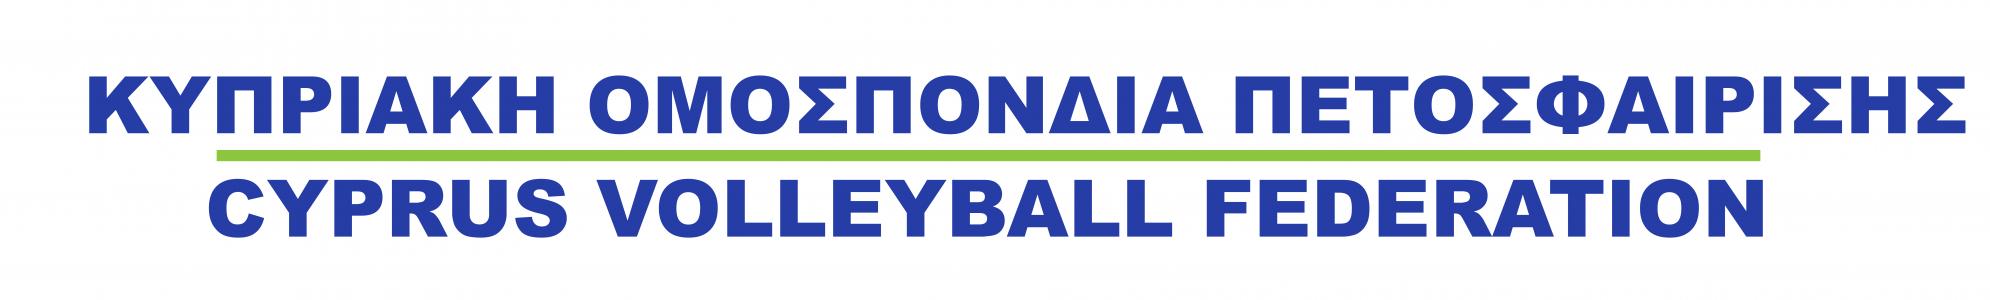 ΚυπριακήΟμοσπονδία ΠετοσφαίρισηςΓιαΚαντίνα